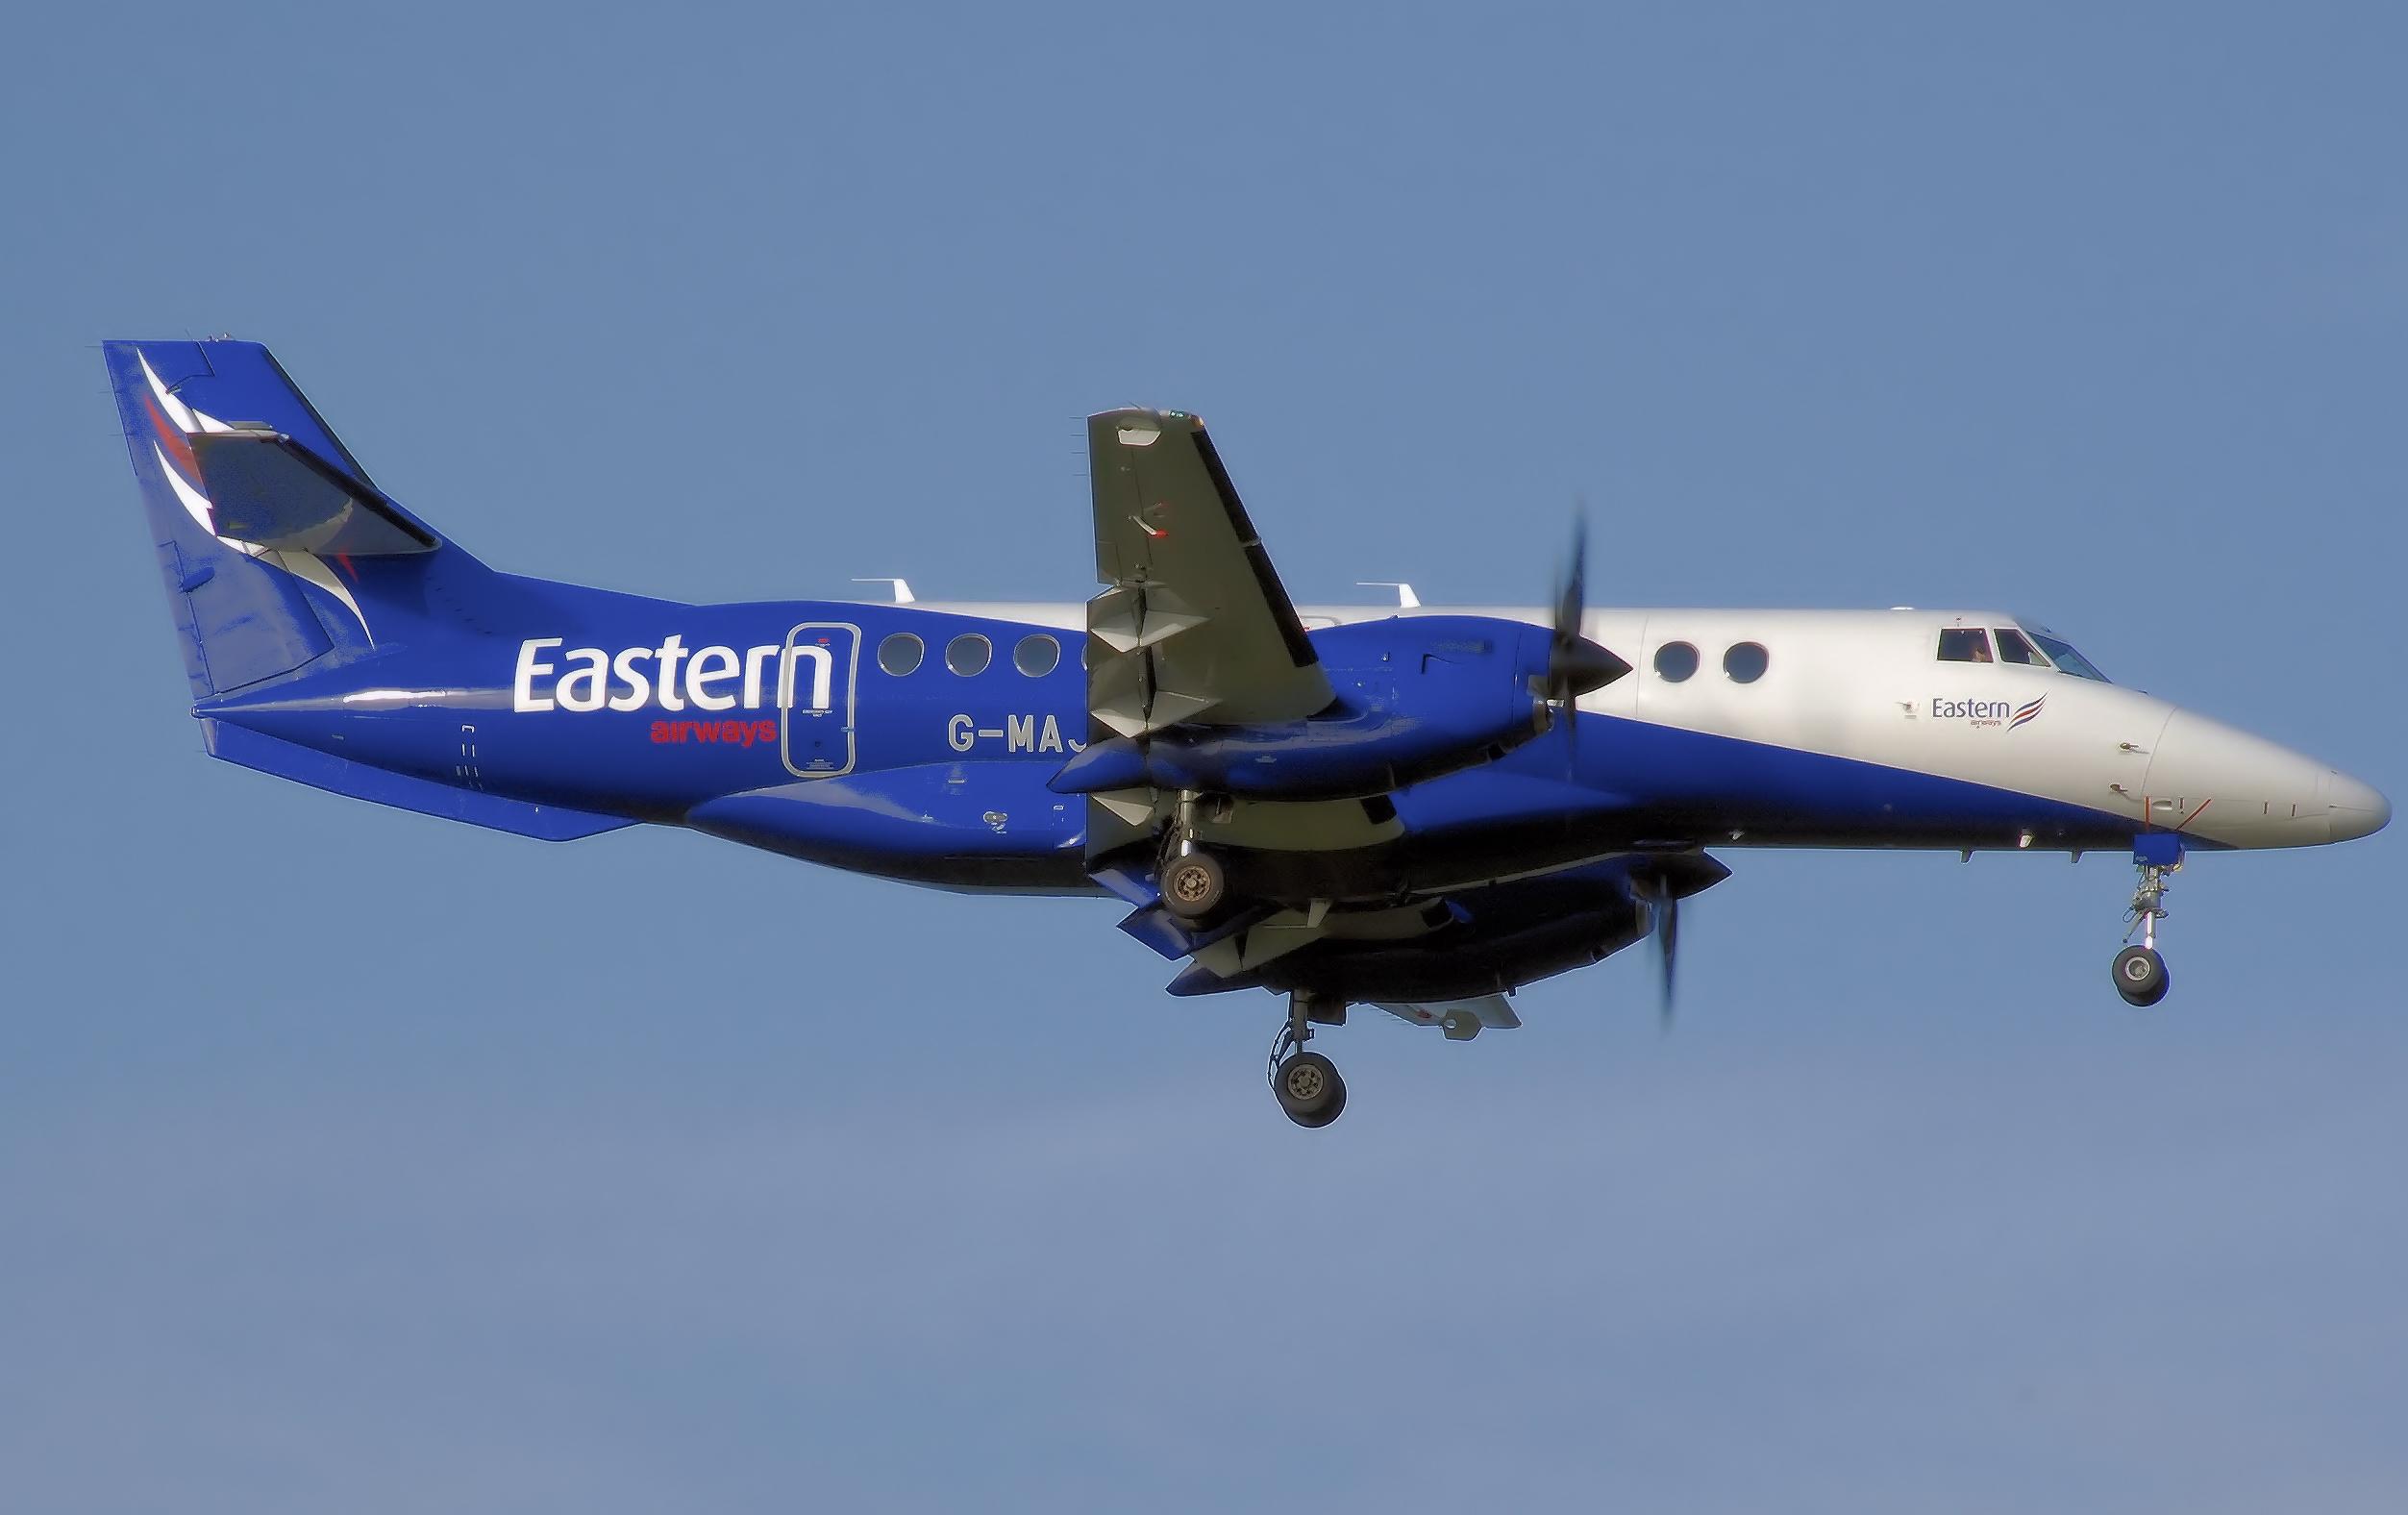 British Aerospace Jetstream 41 - Wikipedia